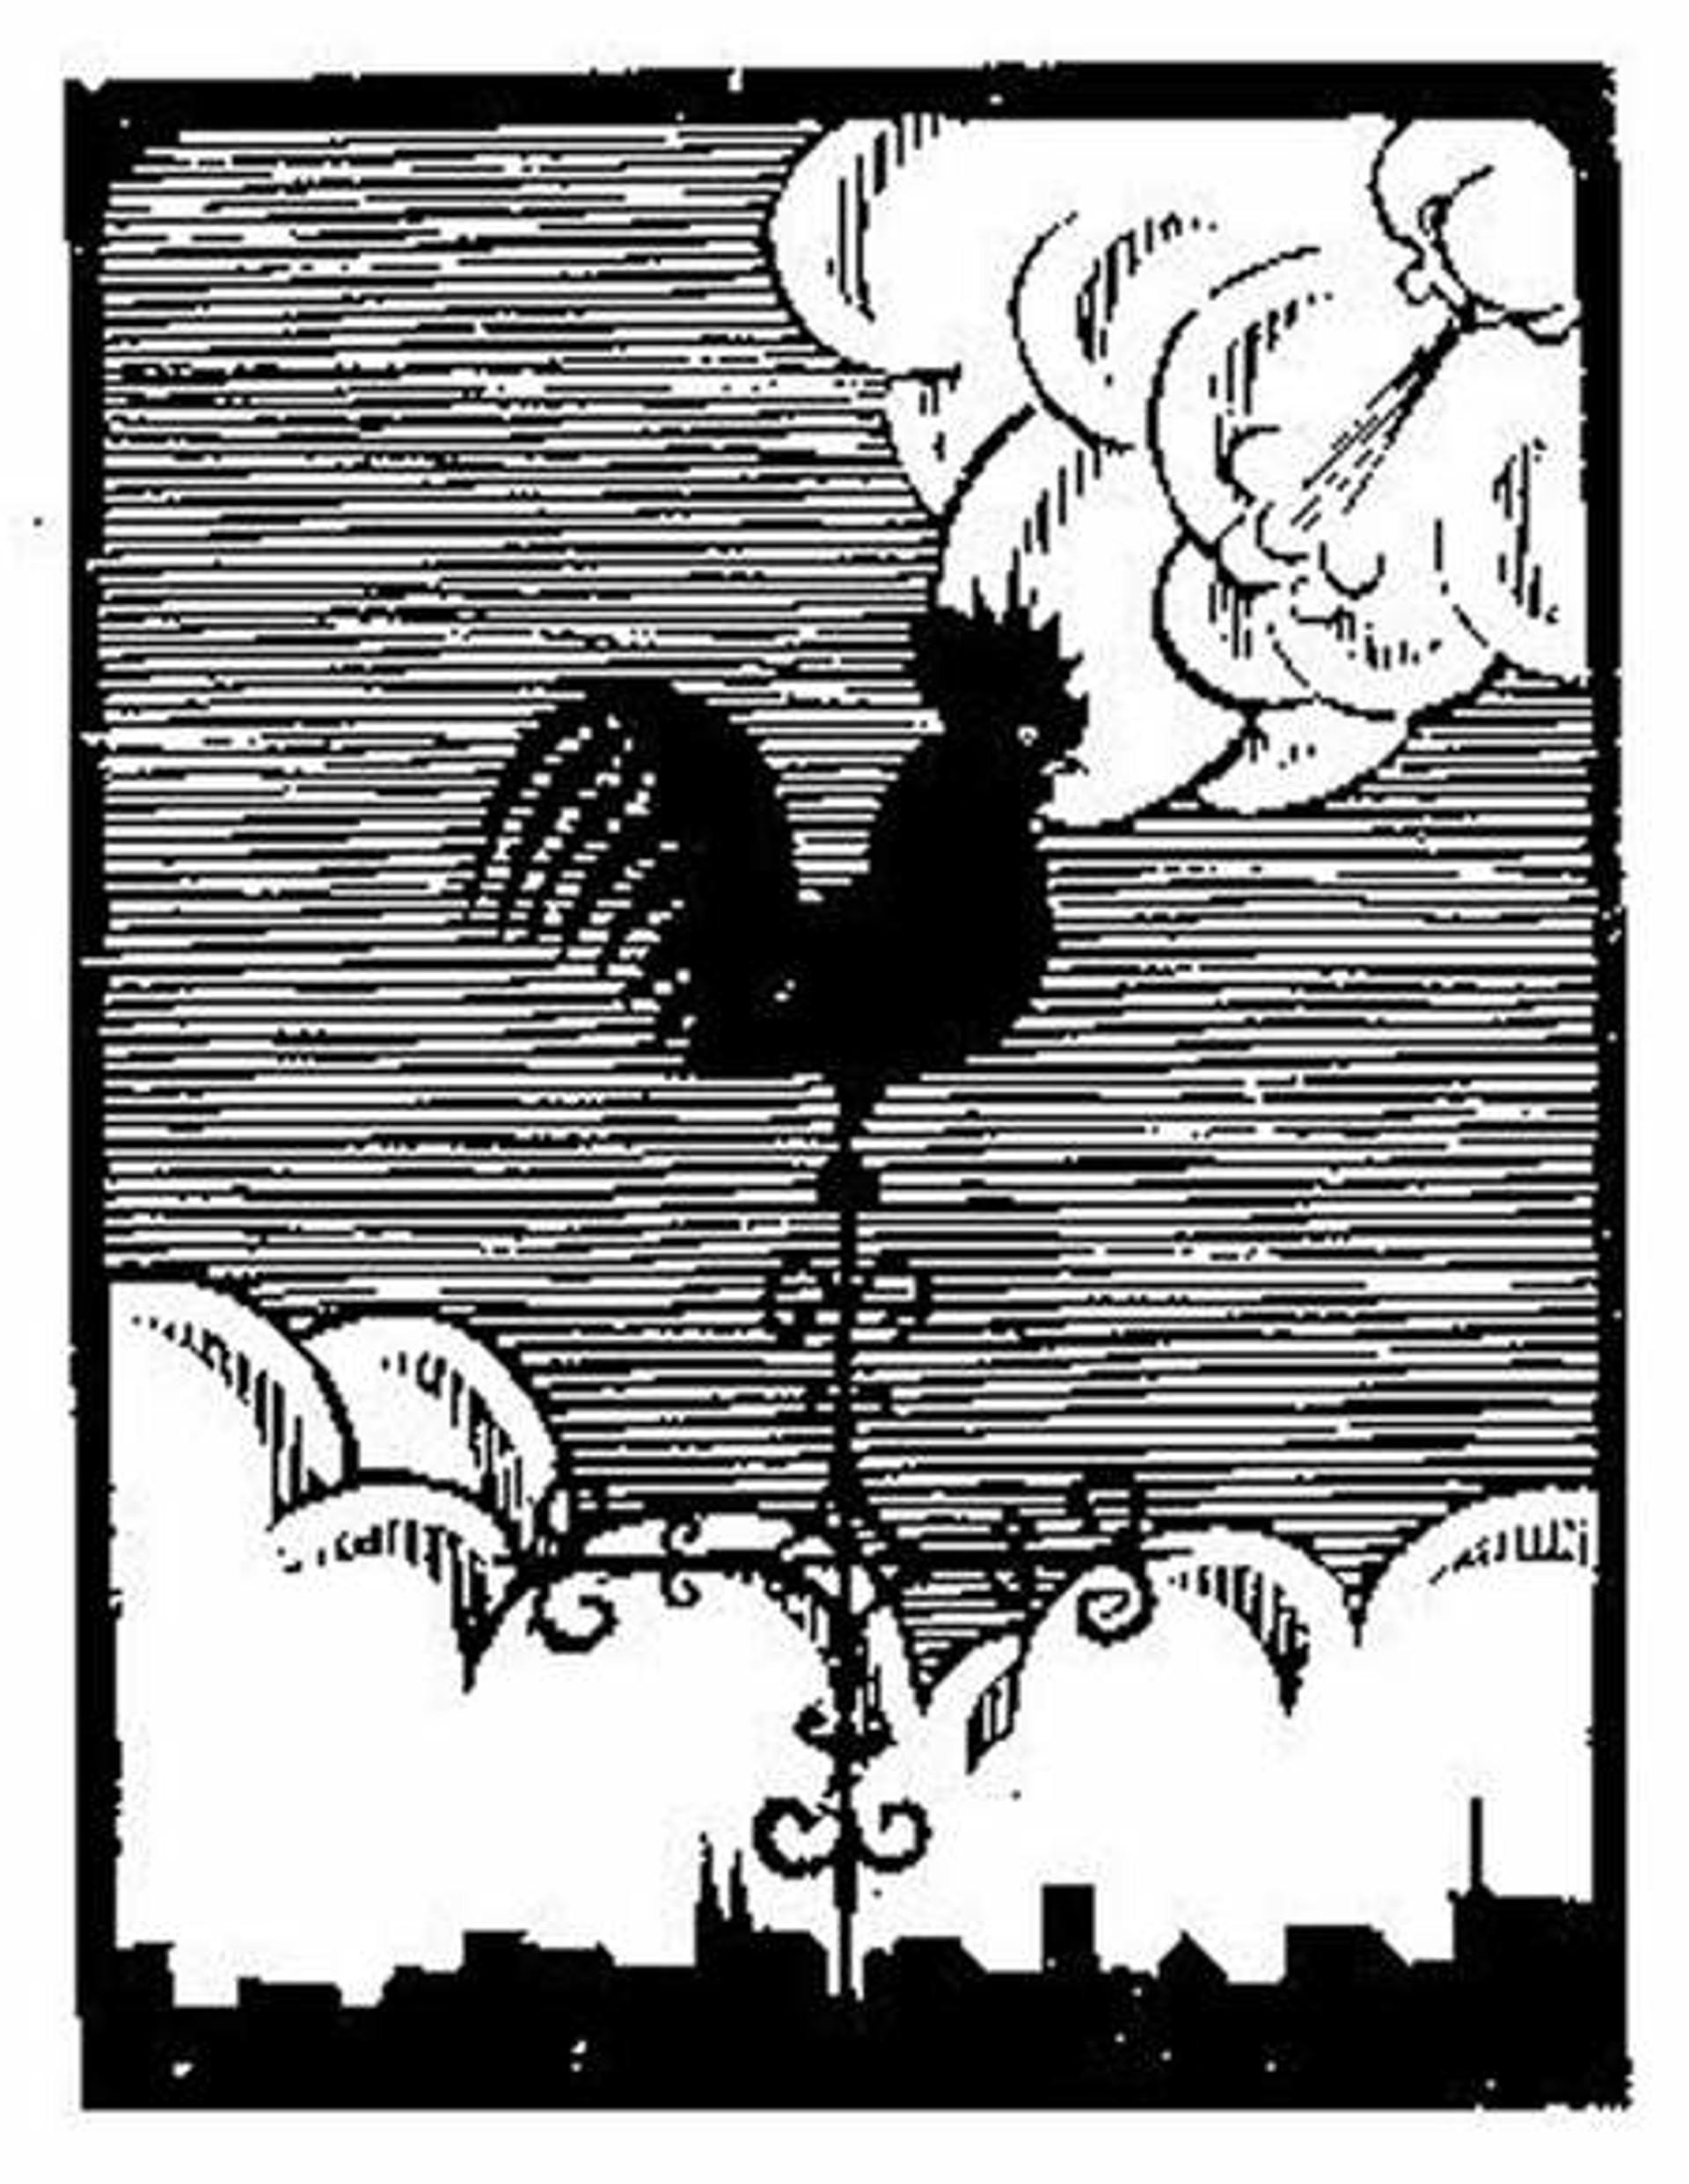 Flor de Pascua - The Weathercock by M.C. Escher